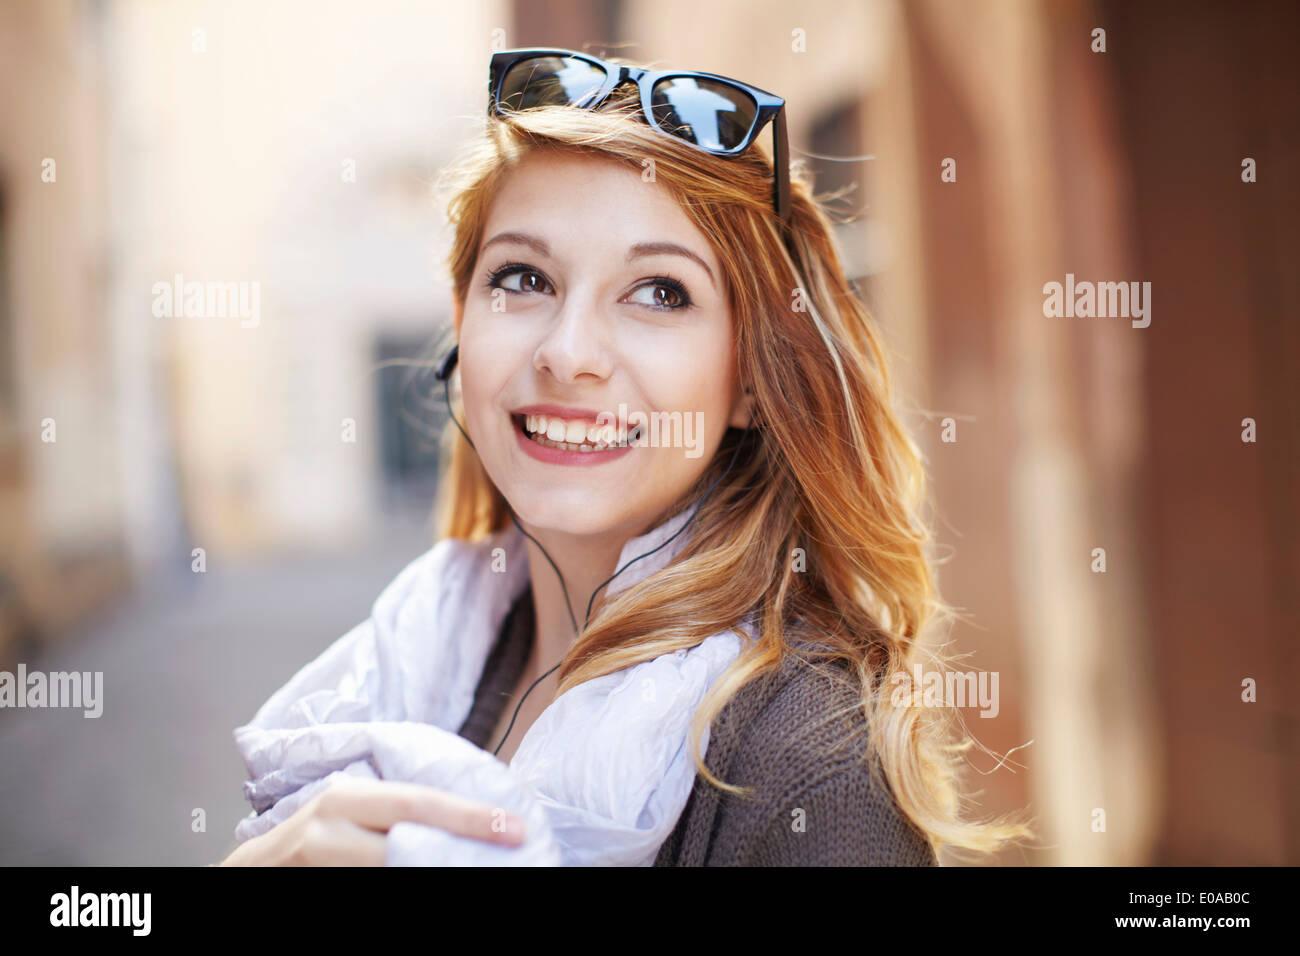 Sofisticato giovane donna guardando indietro sulla strada Immagini Stock